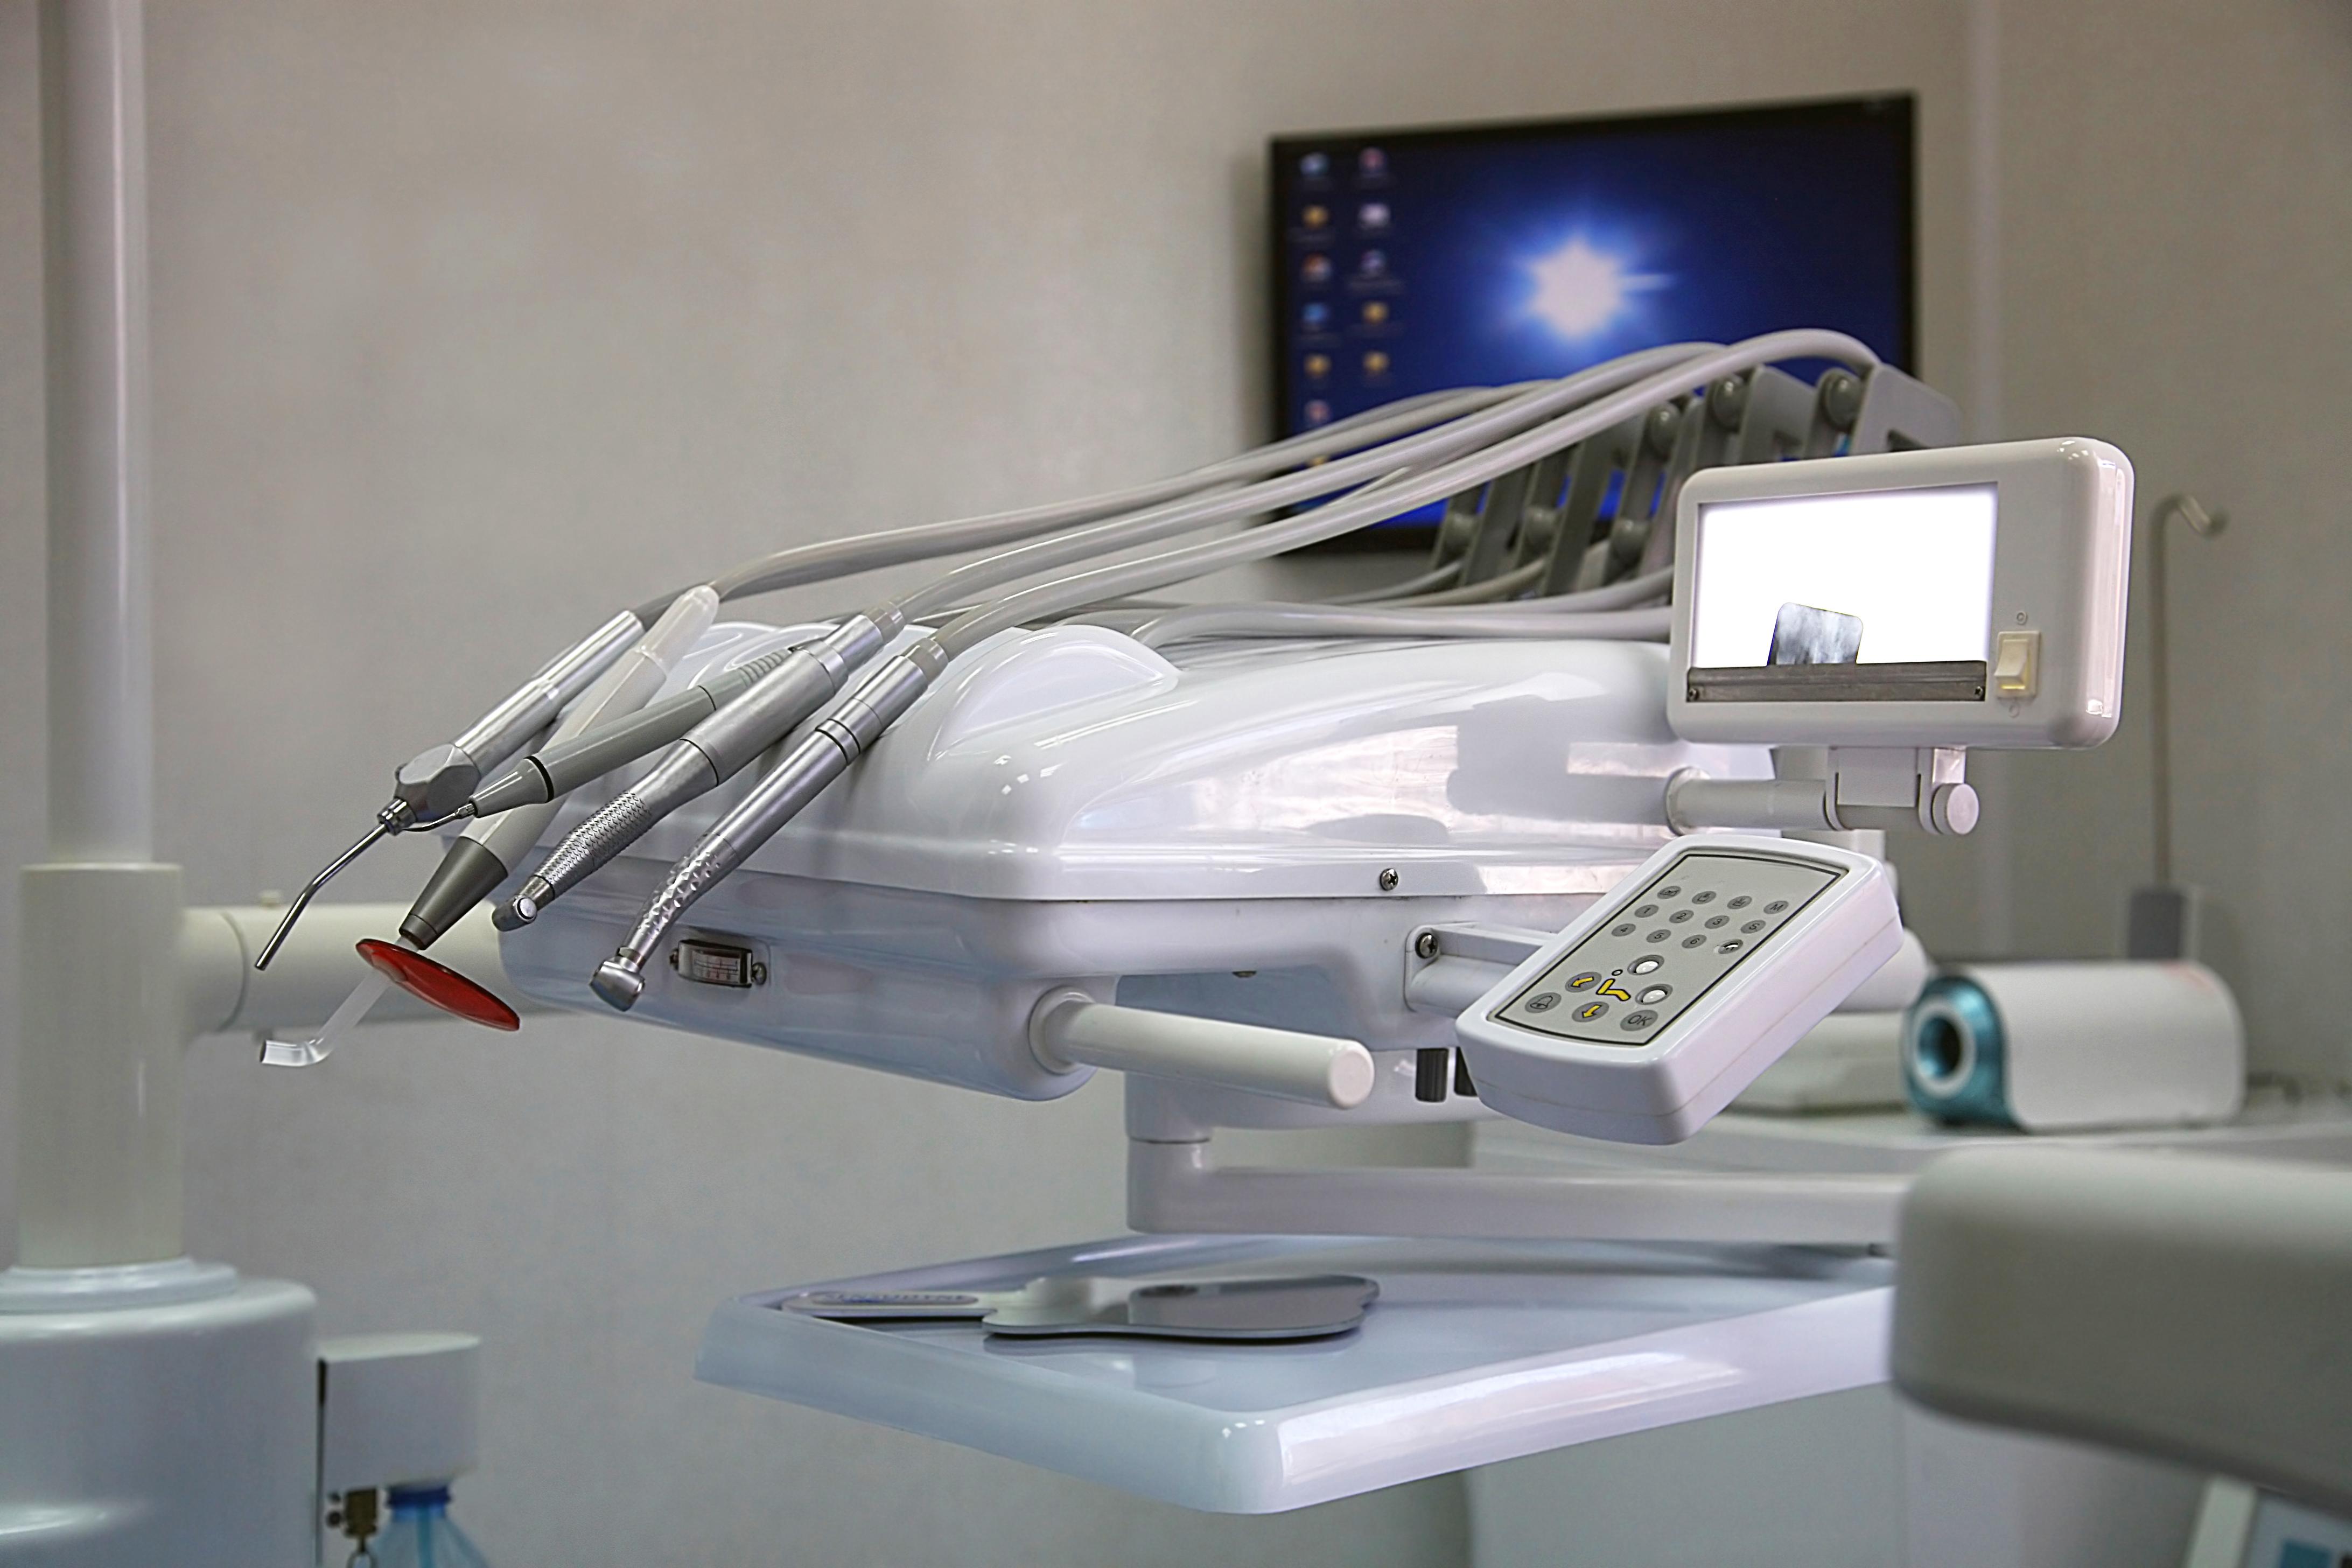 השתלת שיניים השתלות שיניים וכל הבדיקות הדרושות